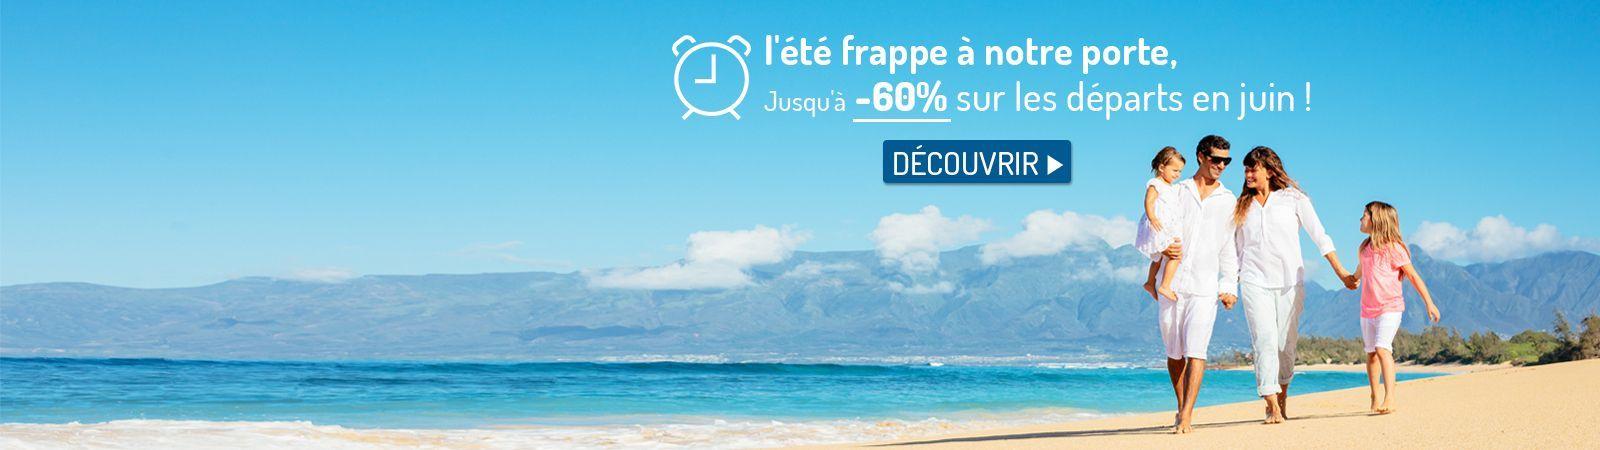 Et toujours notre page dernières minutes pour dénicher les meilleurs deals vacances de l'été. http://www.madamevacances.com/dernieres-minutes.html